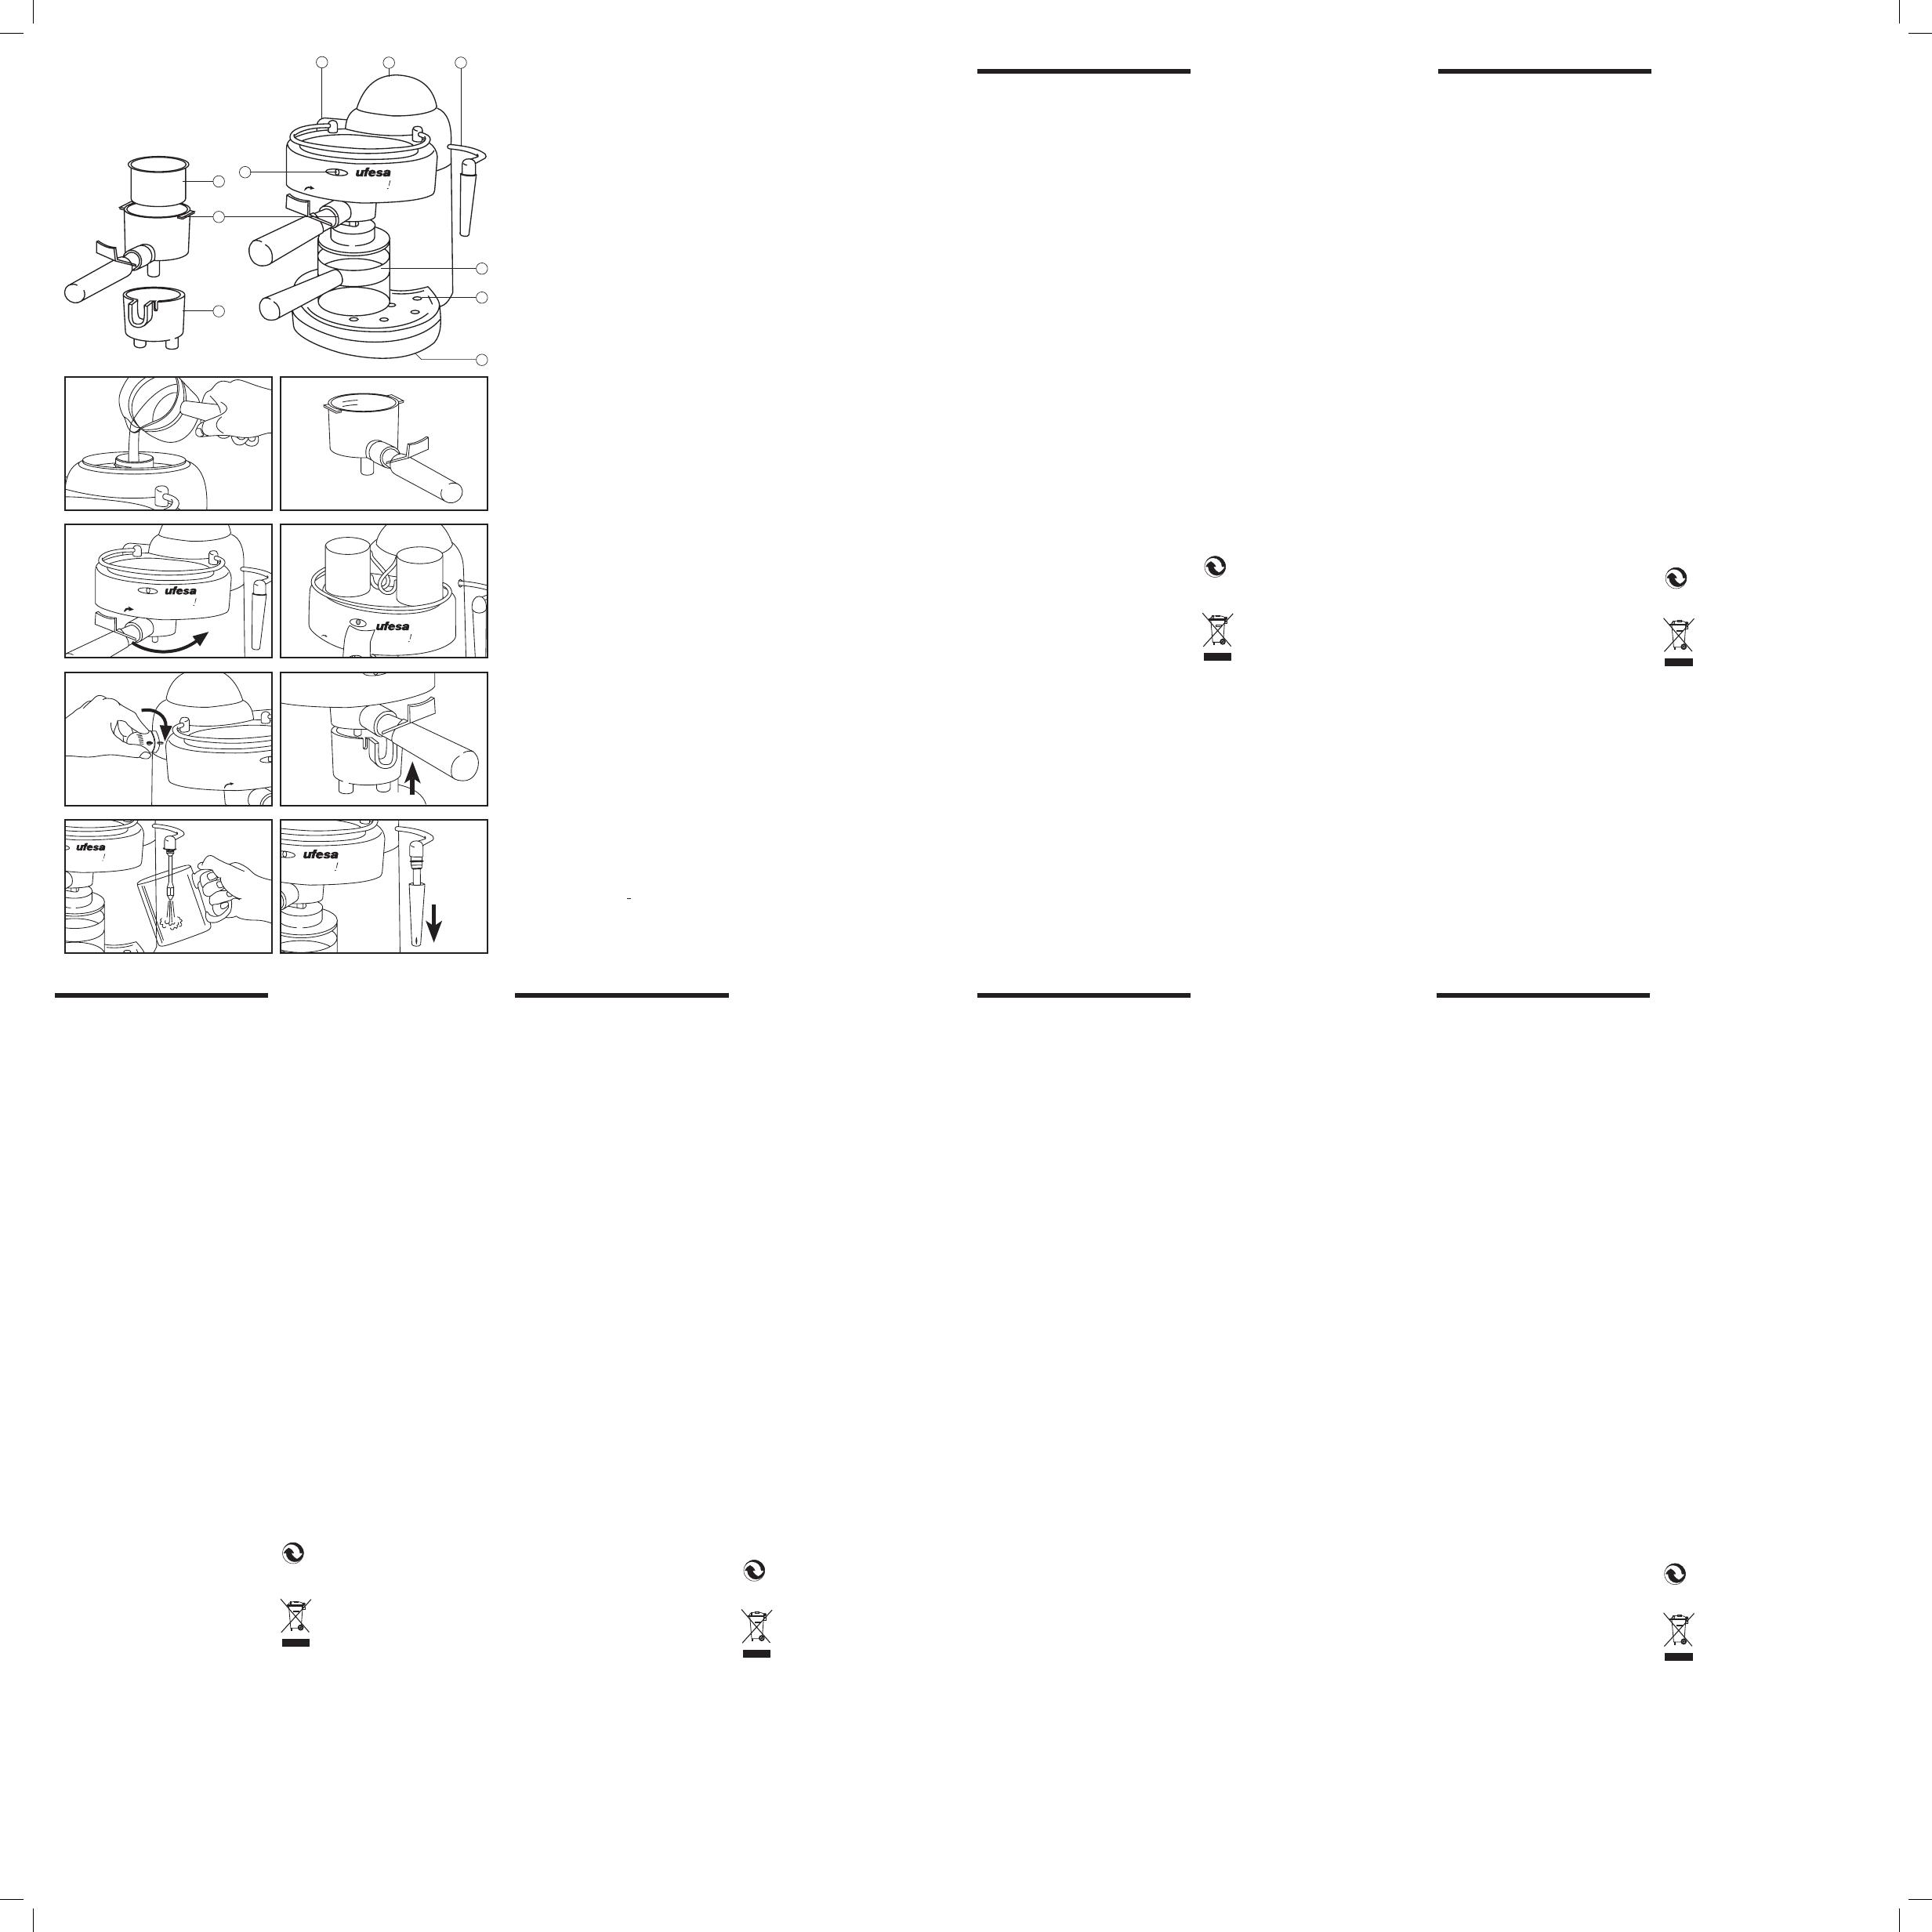 Ufesa Ce7115 Bedienungsanleitung